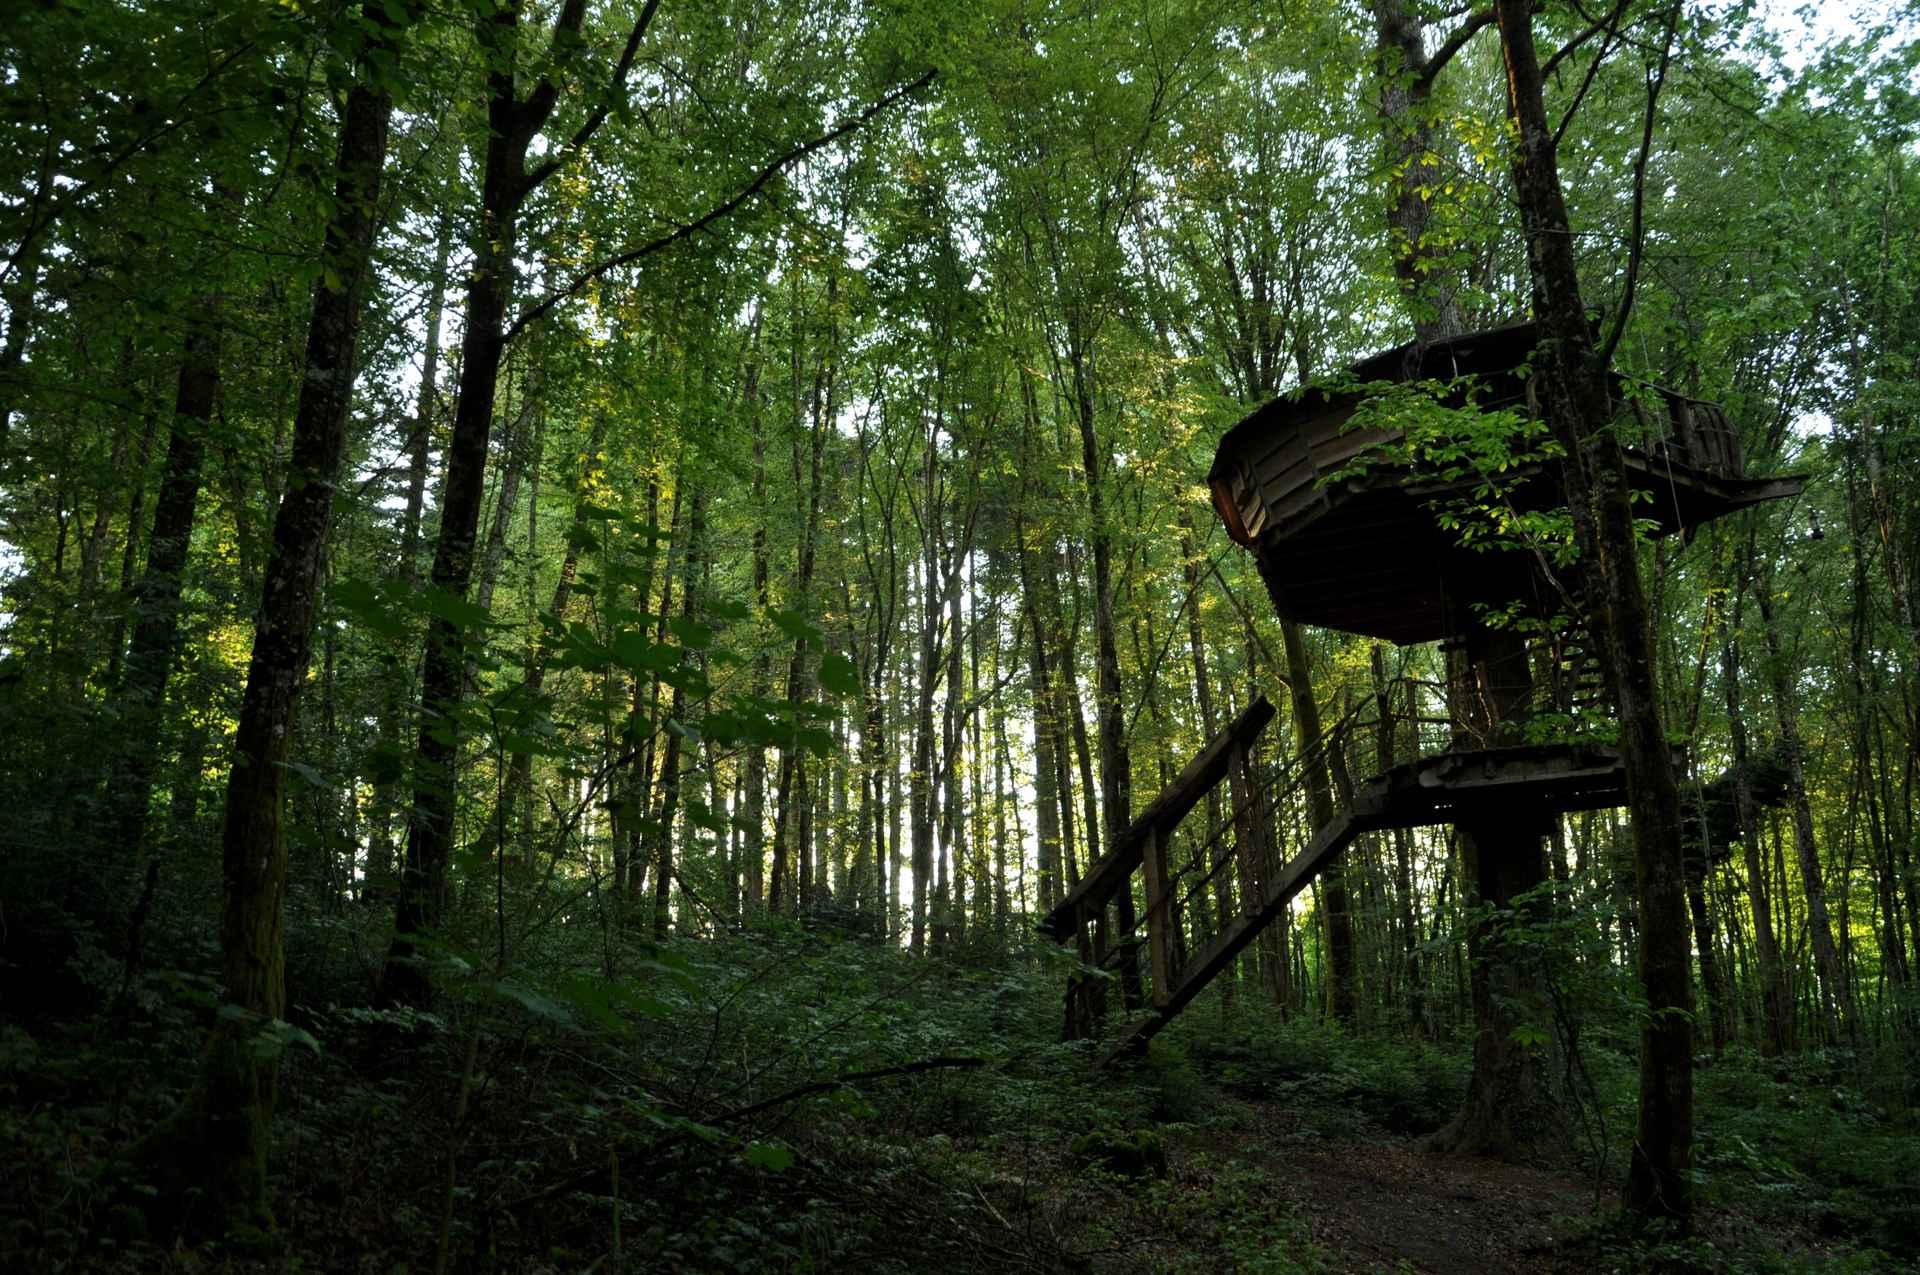 cabane traum l 39 arbre cabane cabane dans les arbres en champagne ardenne cabanes de france. Black Bedroom Furniture Sets. Home Design Ideas